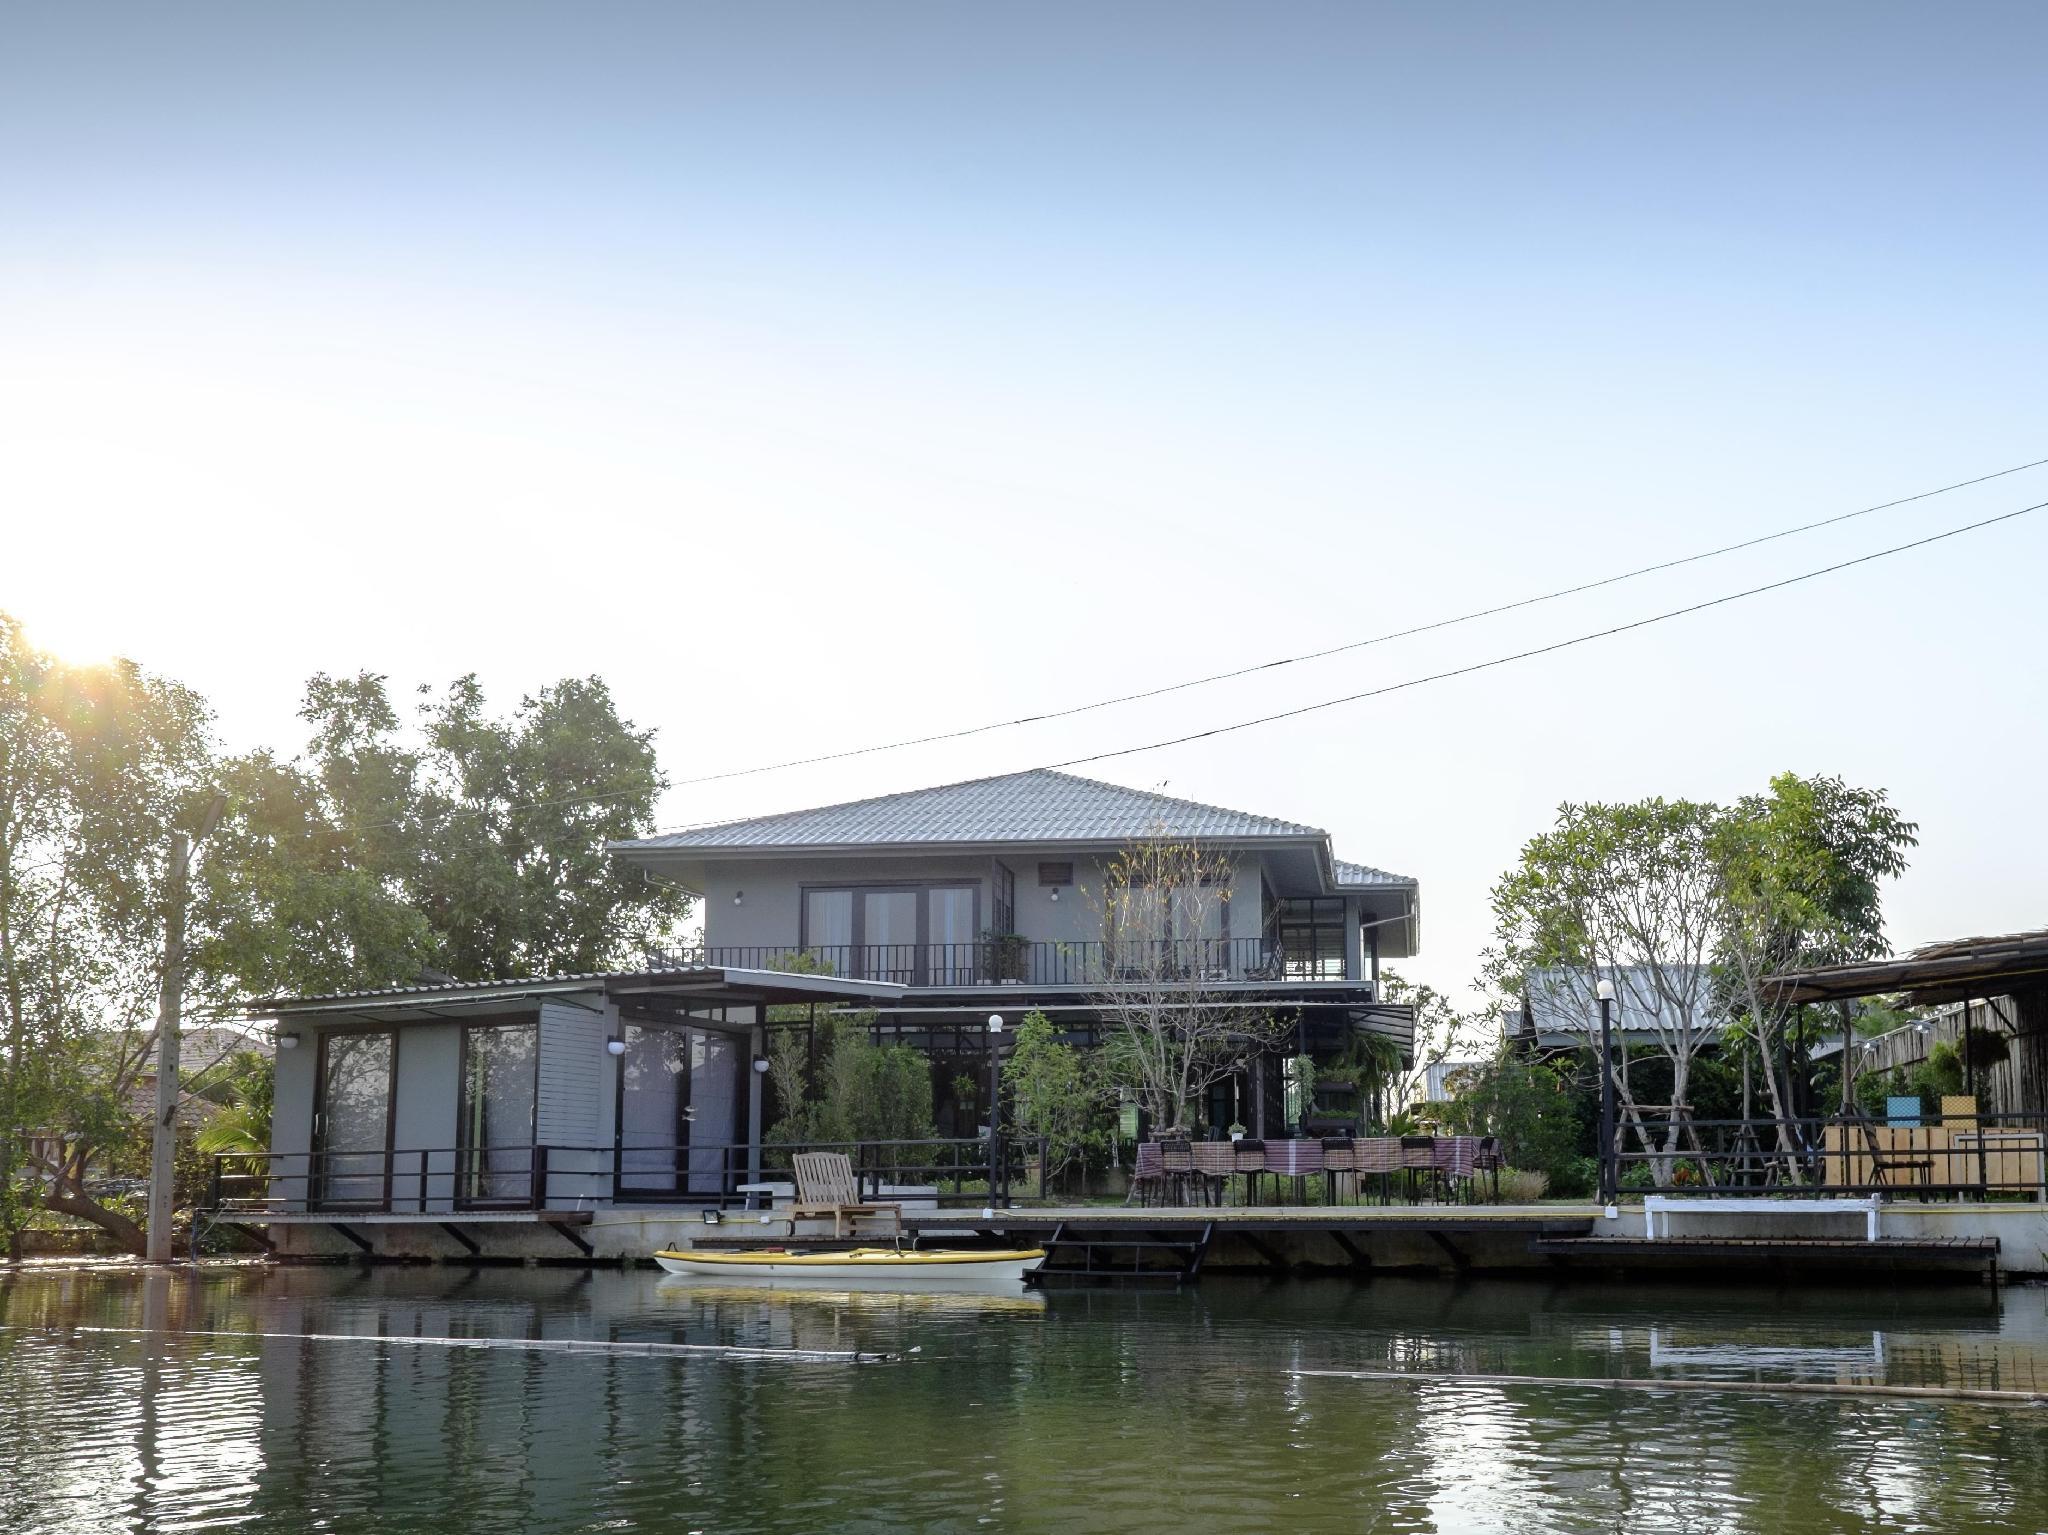 安葩洼卡扎普拉图酒店,อัมพวา คาซา ปลาทุ